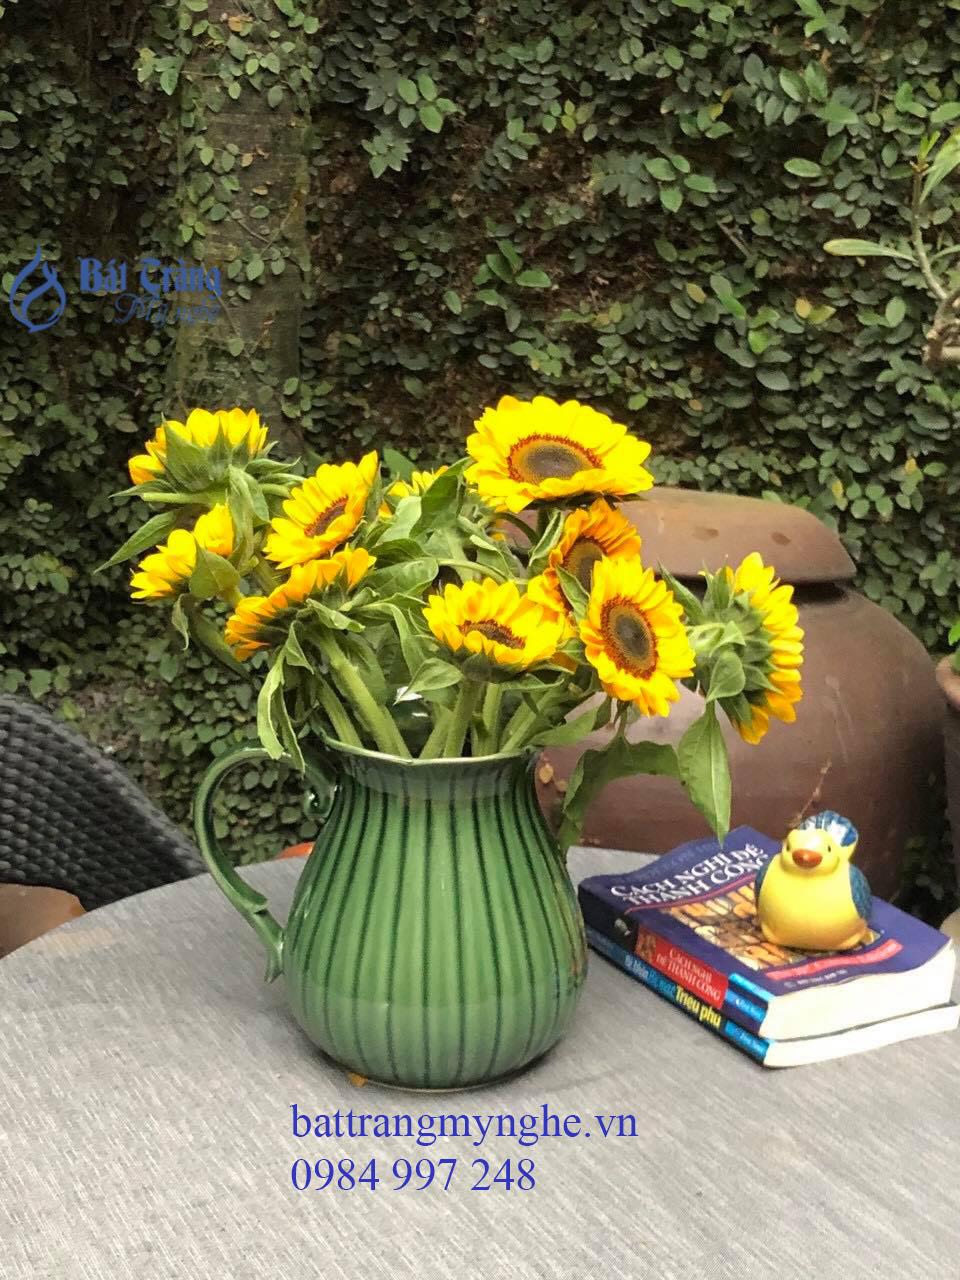 Bình hoa sữa miệng hoa men xanh